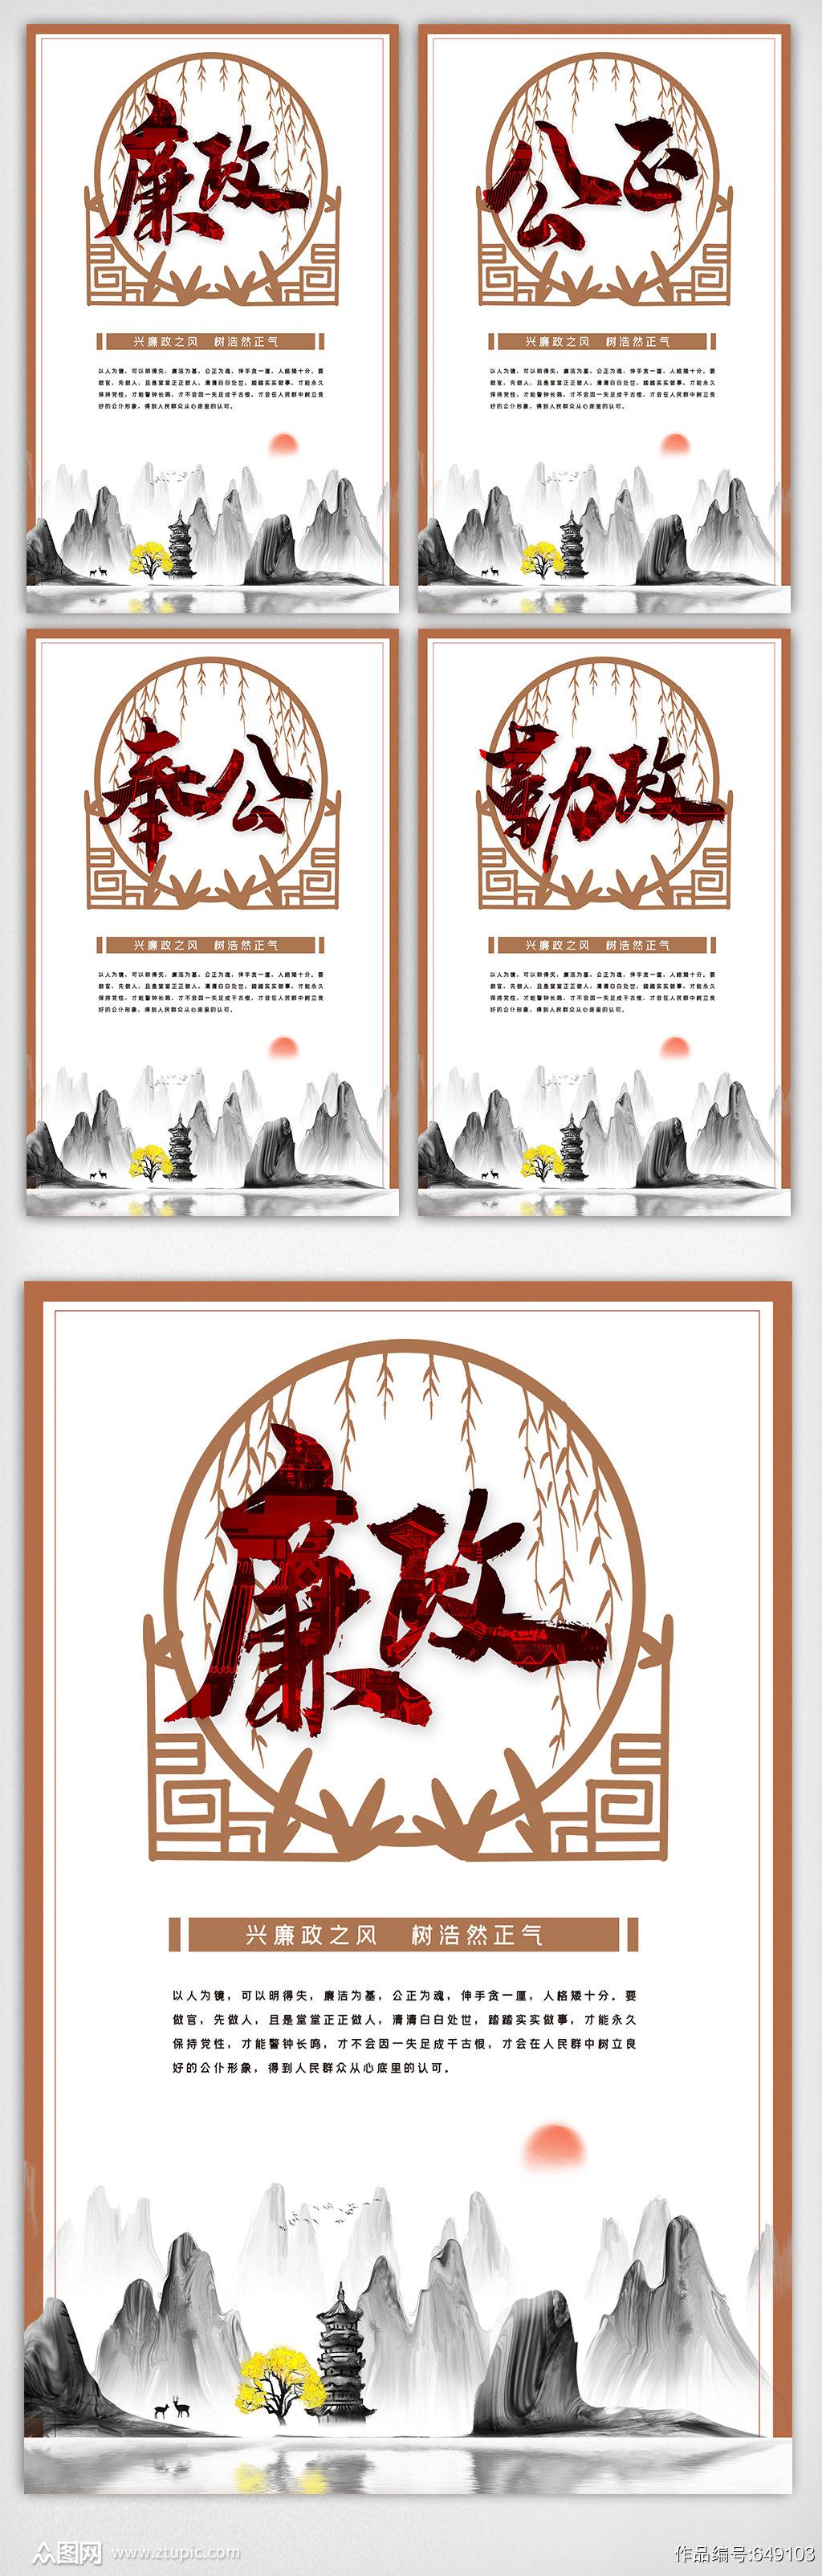 创意廉洁廉政文化宣传挂画设计图素材